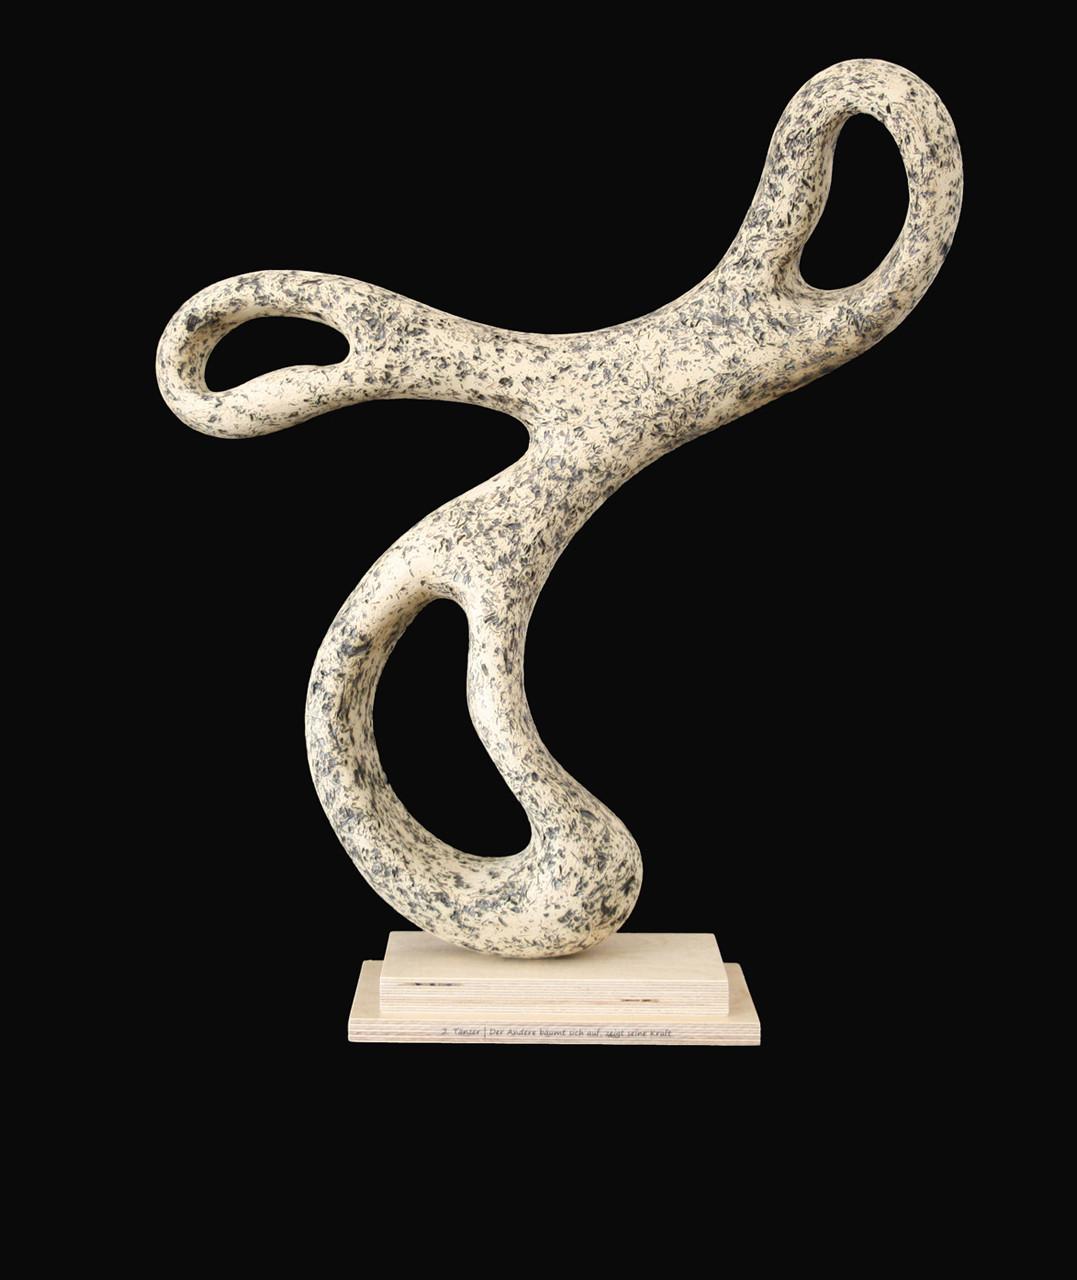 2. Tänzer | Der Andere bäumt sich auf, zeigt seine Kraft. | BxHxT: 40x48x12 cm